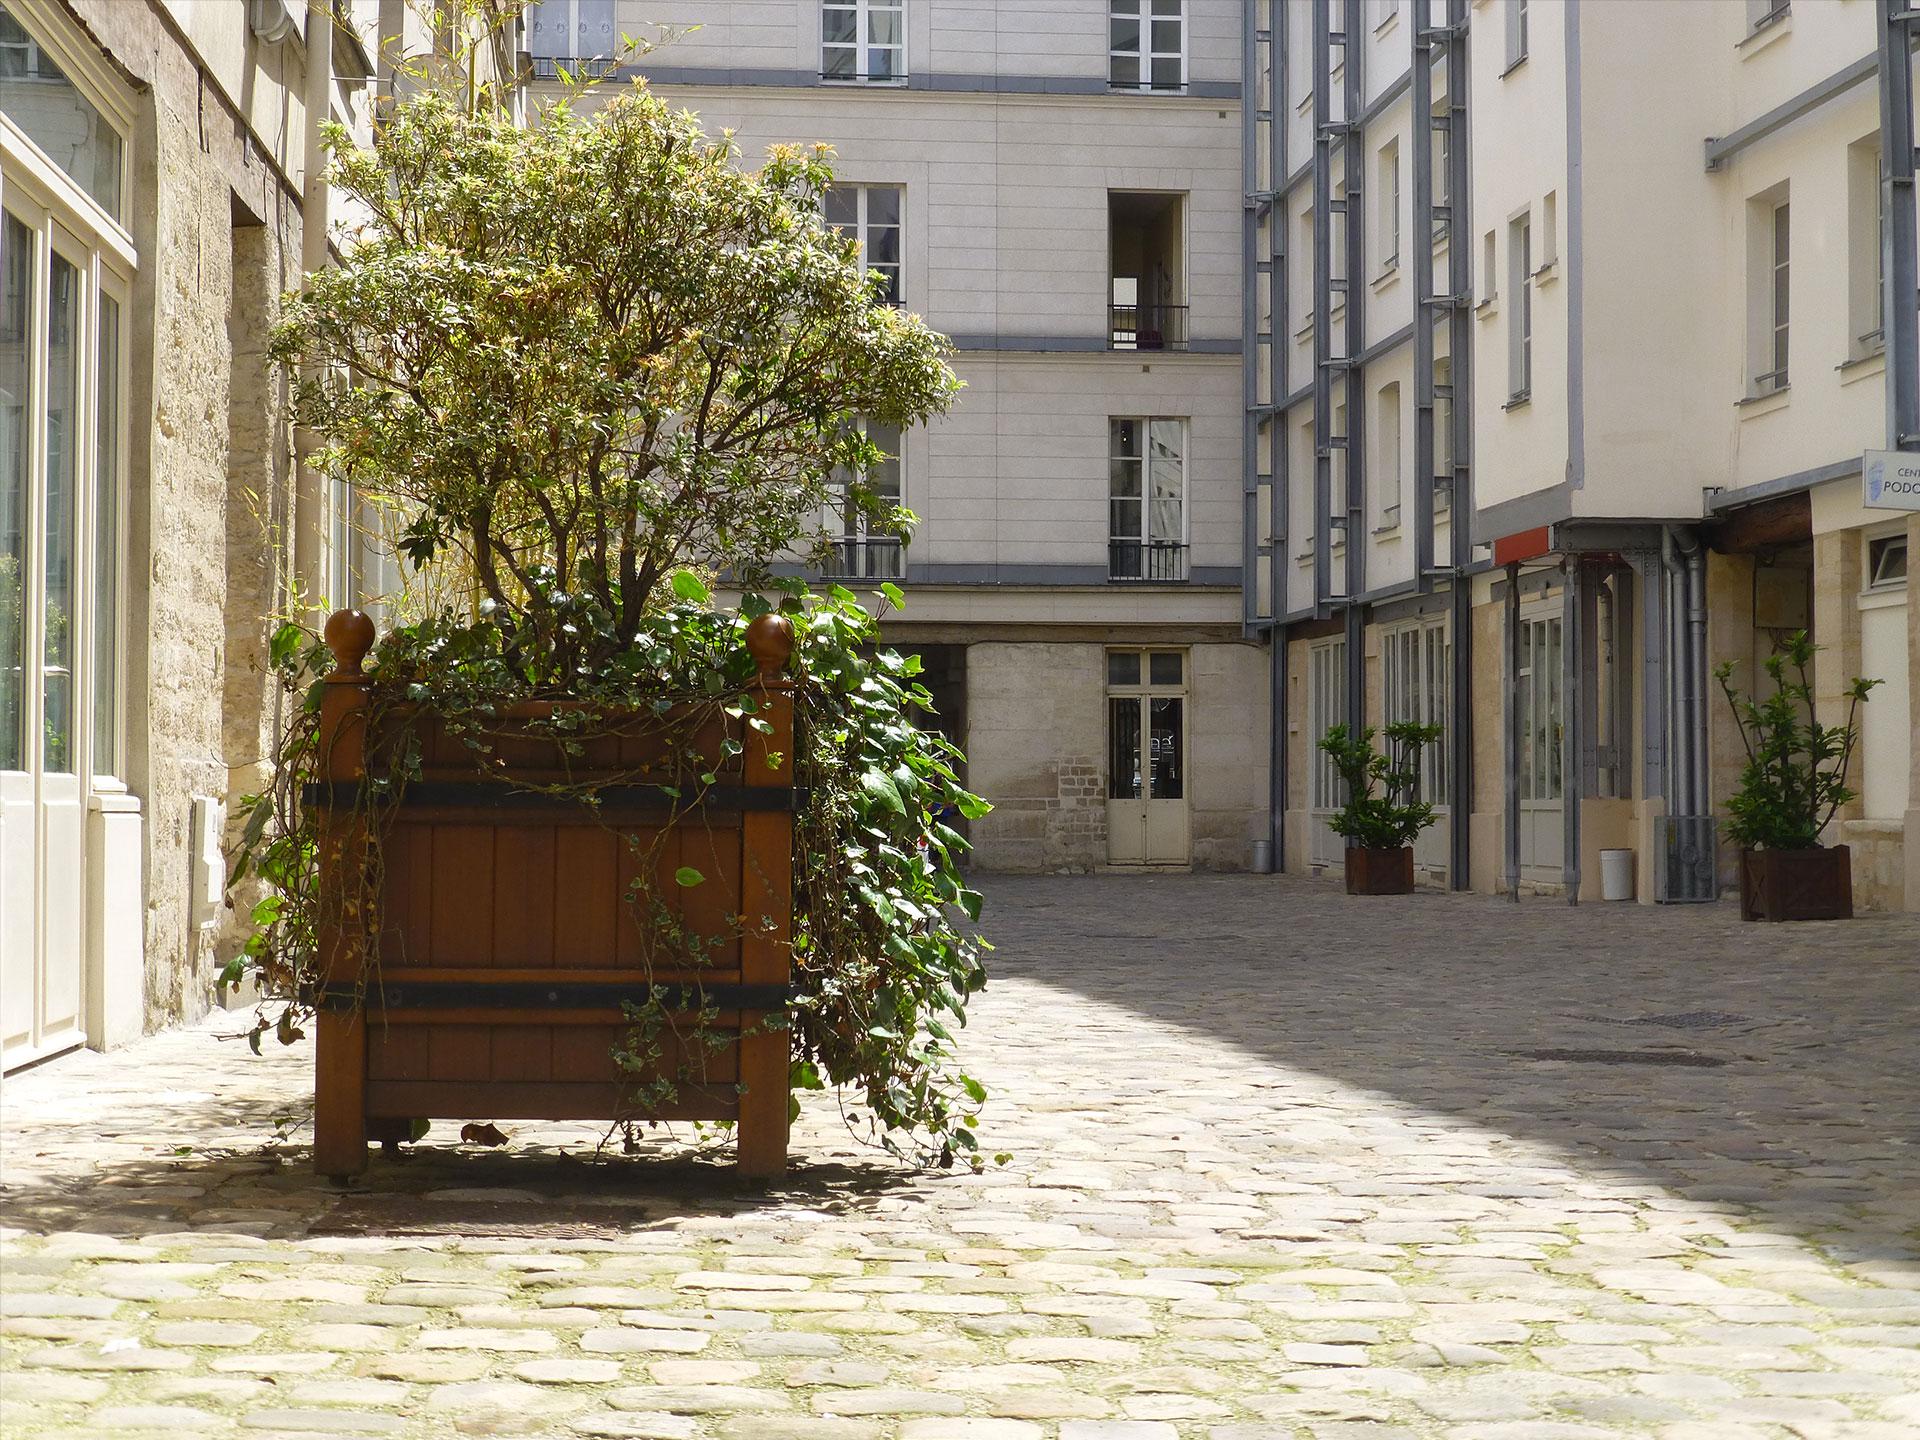 5 rue de Charonne